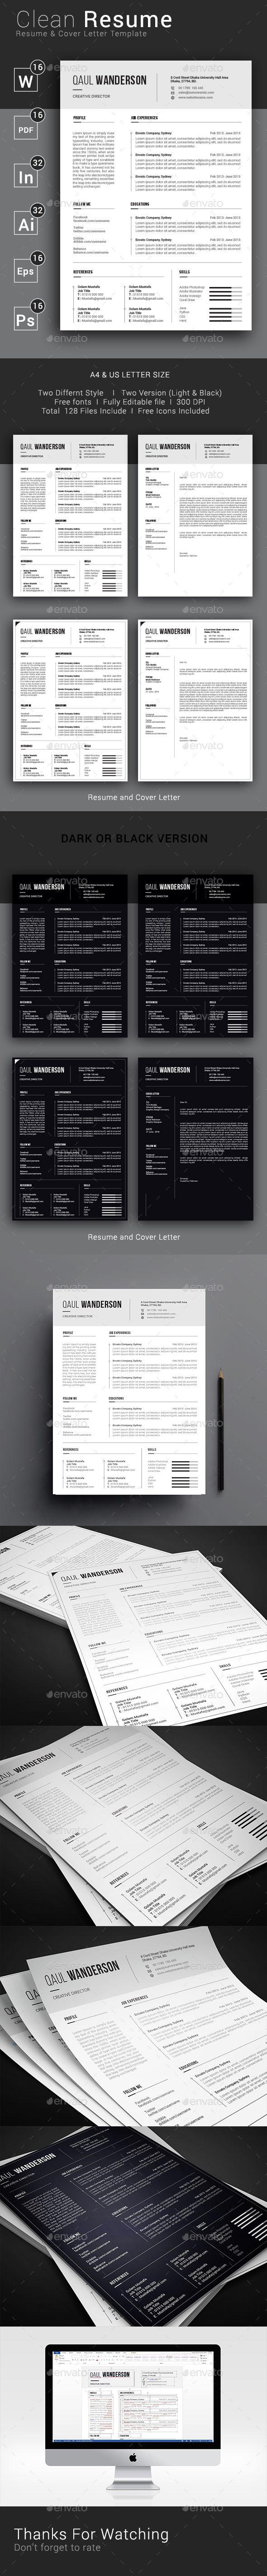 Clean Resume CV 400 best CareerResume